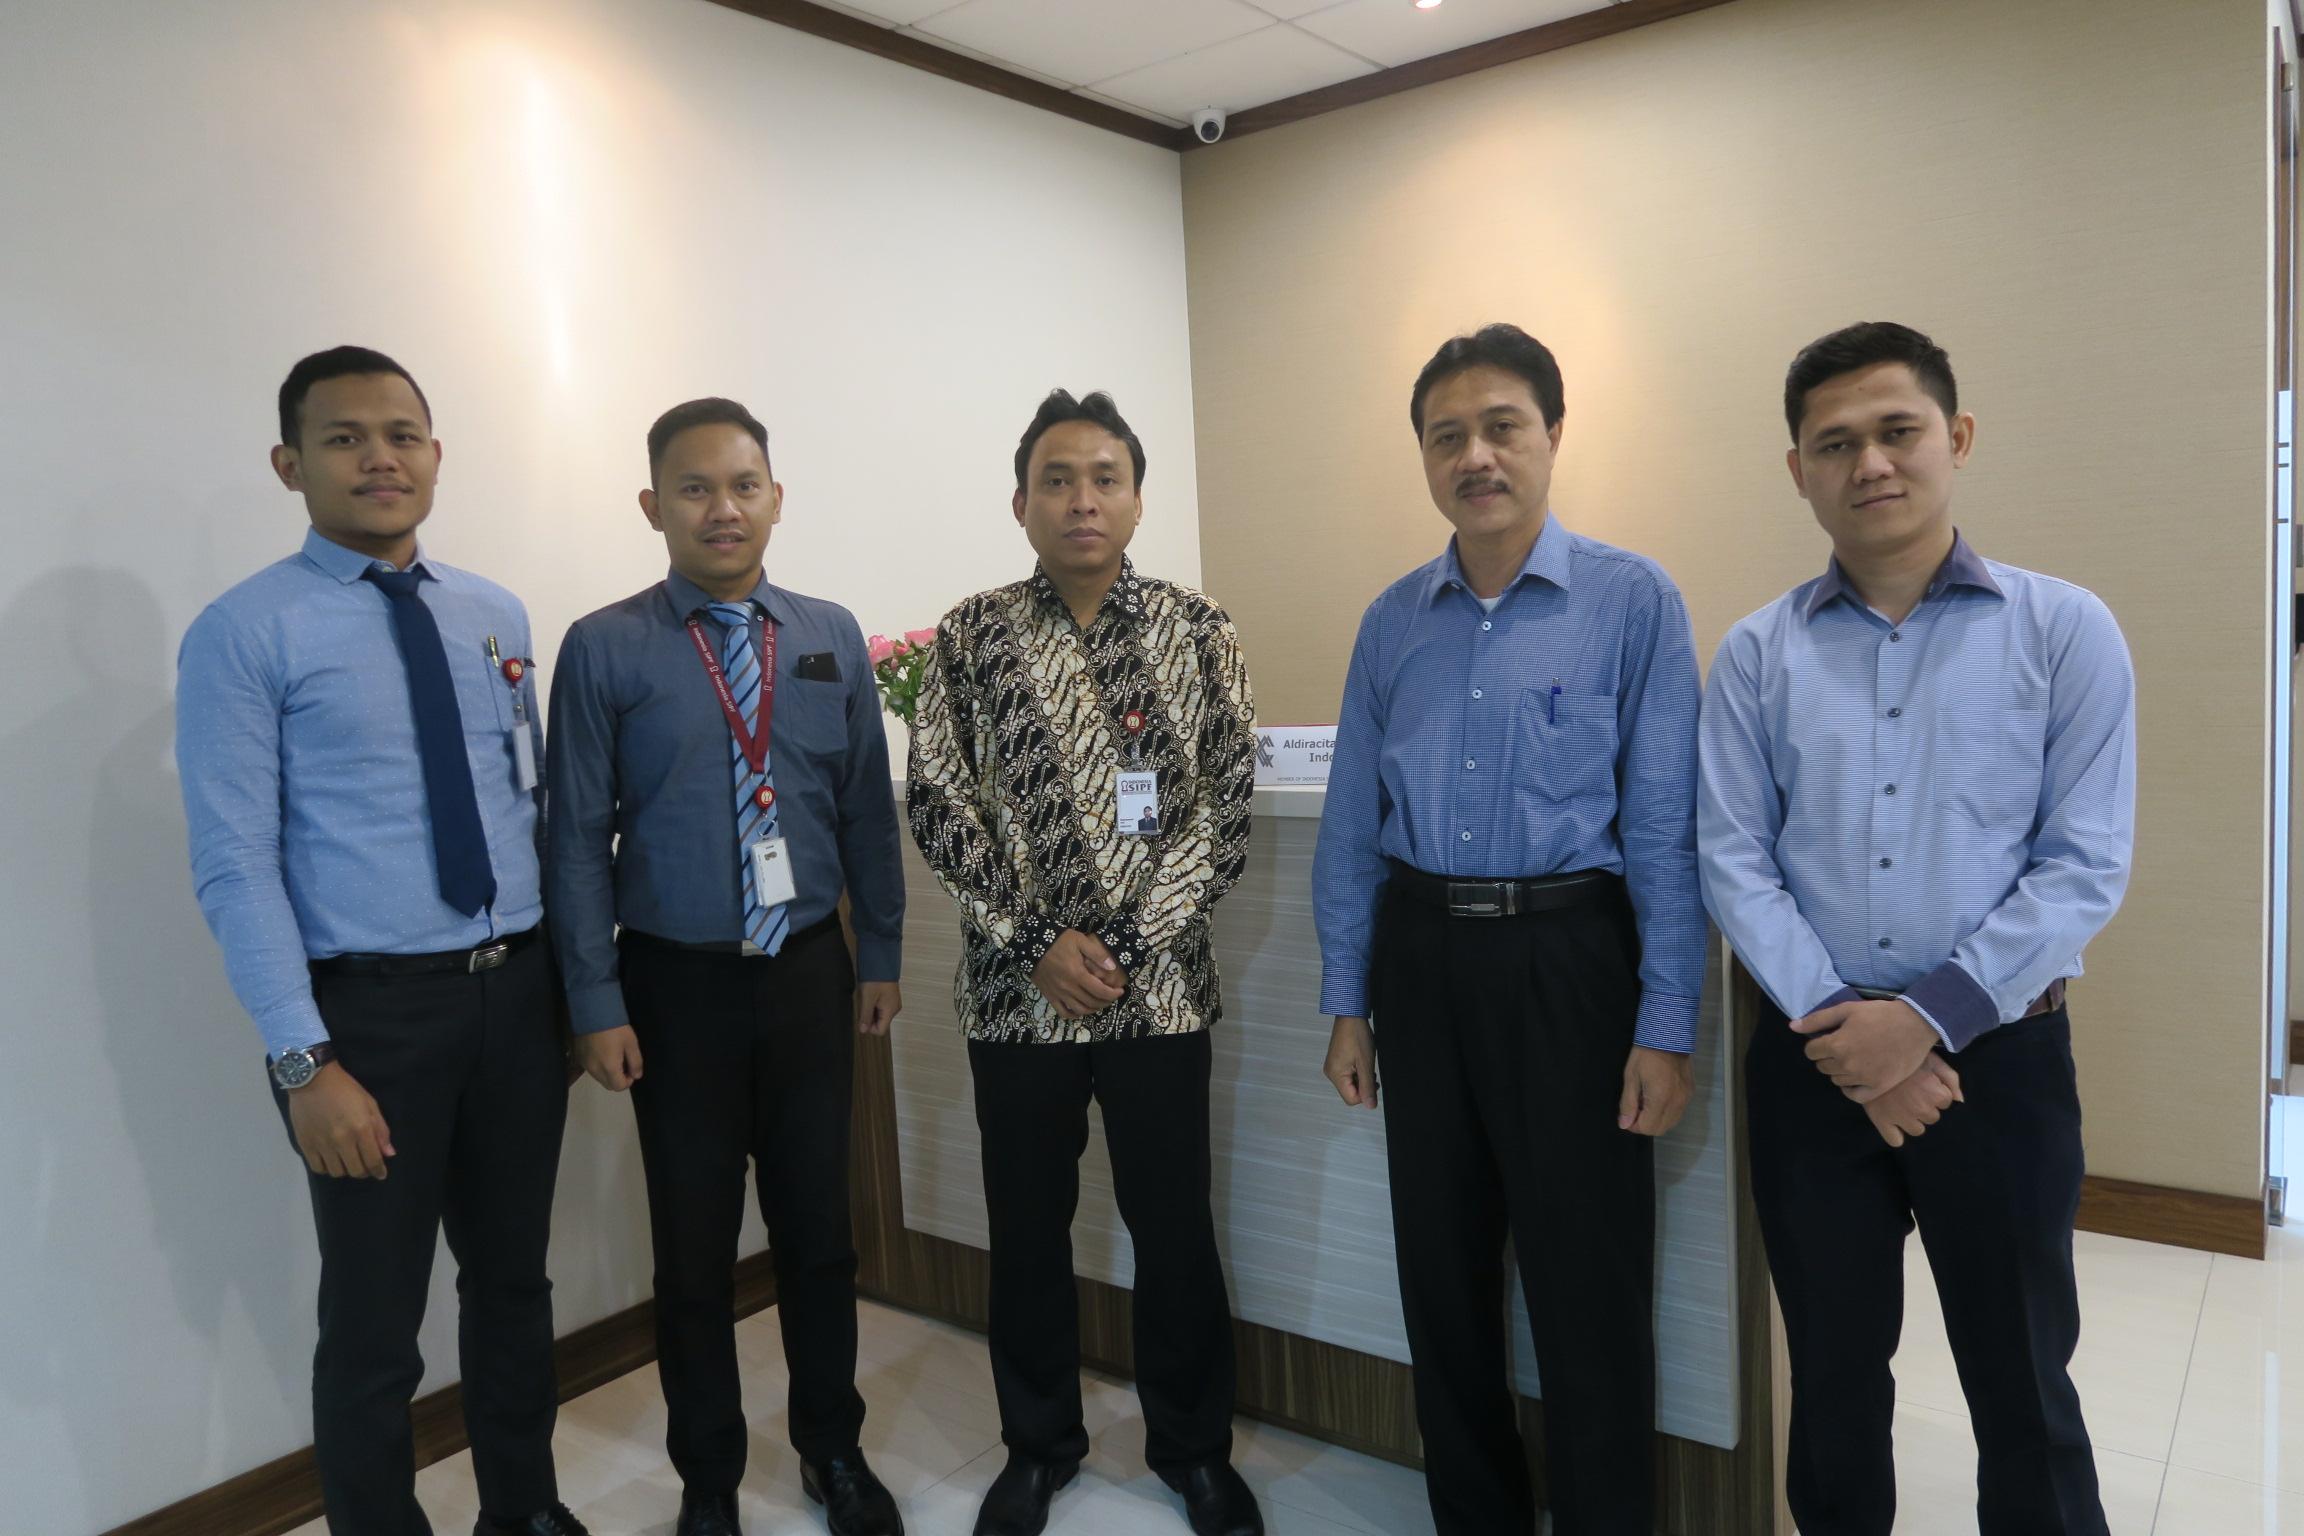 Kunjungan ke Aldiracita Sekuritas Indonesia dalam Rangka Sosialisasi Dana Perlindungan Pemodal